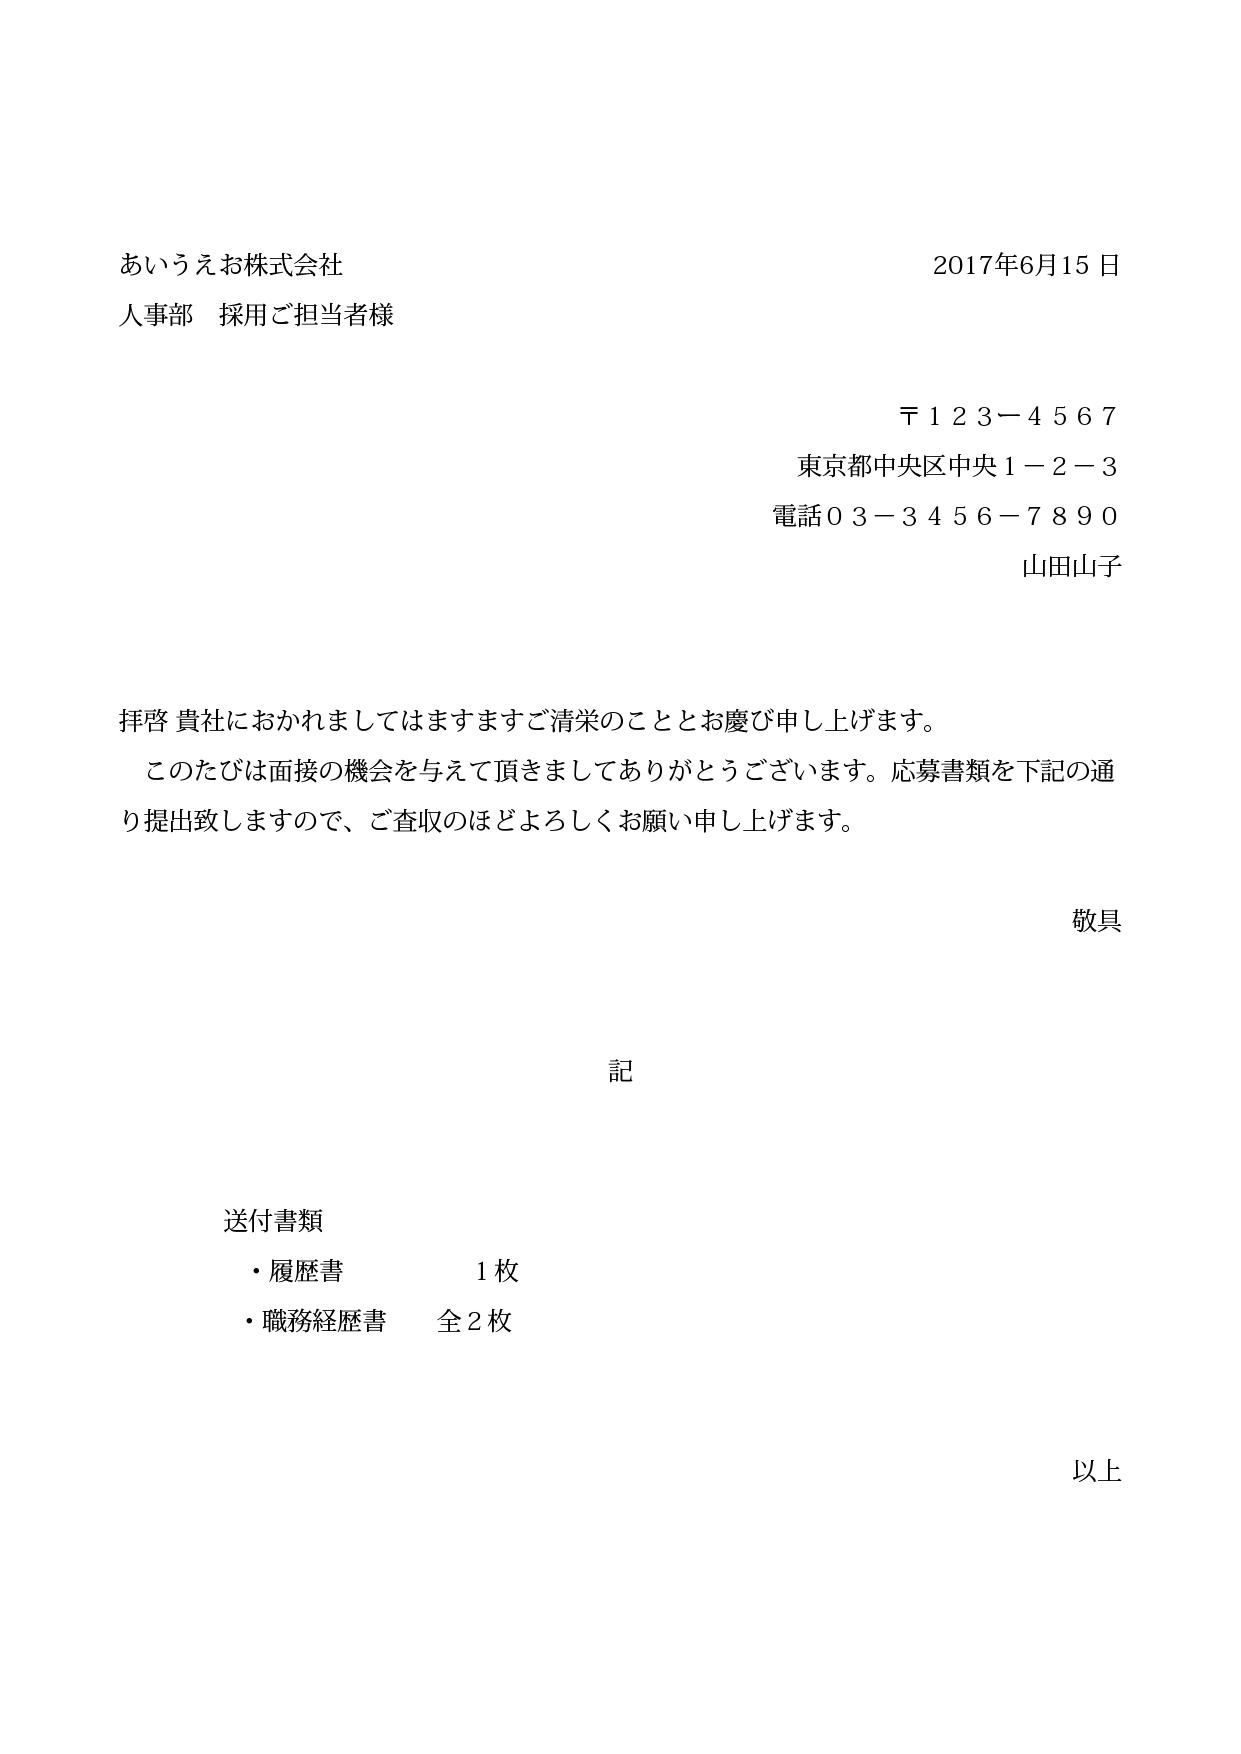 履歴書の送付状(添え状)/ 転職者向け(ワード、ページズ)のテンプレート